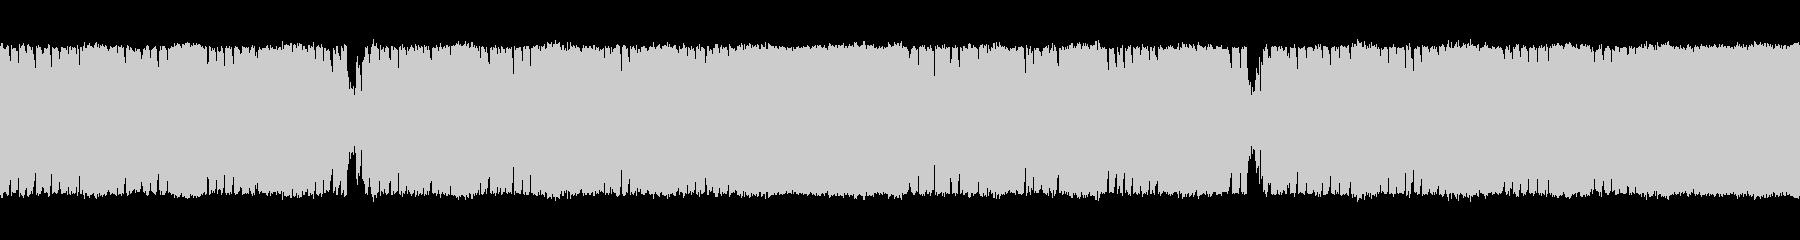 緊迫感のあるプログレ変拍子ボス系の曲<…の未再生の波形